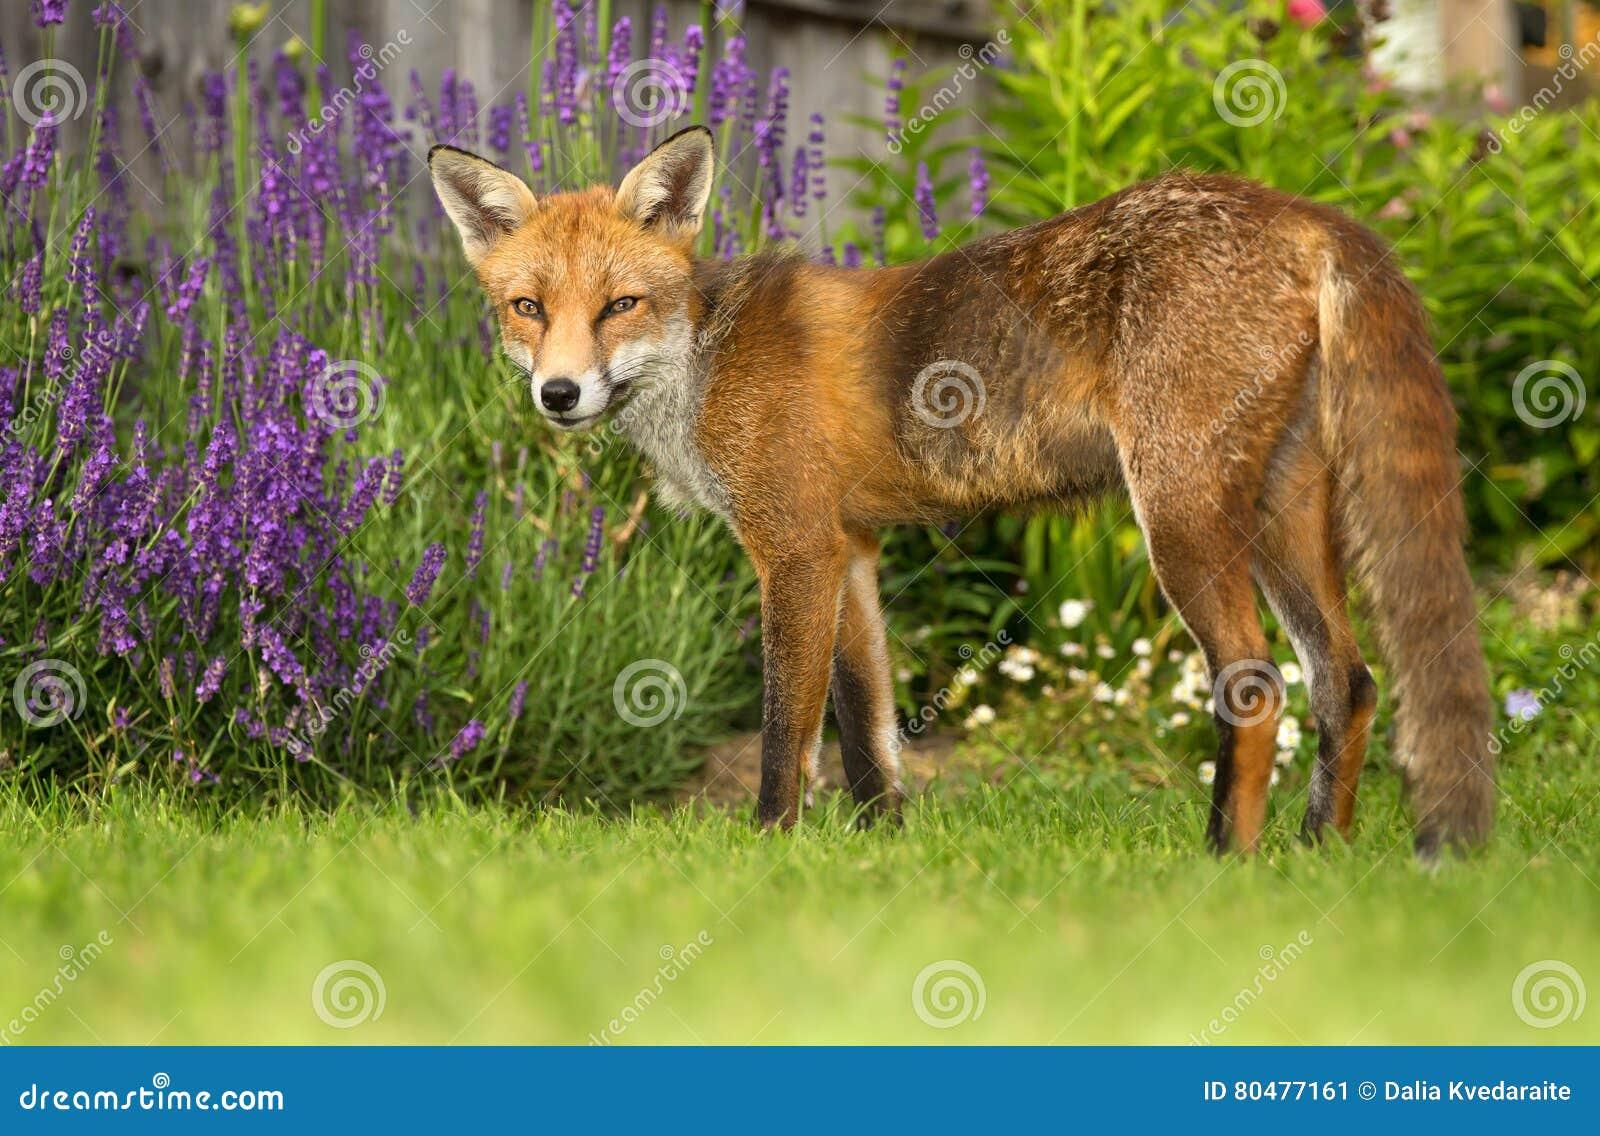 Merveilleux Roter Fuchs Im Garten